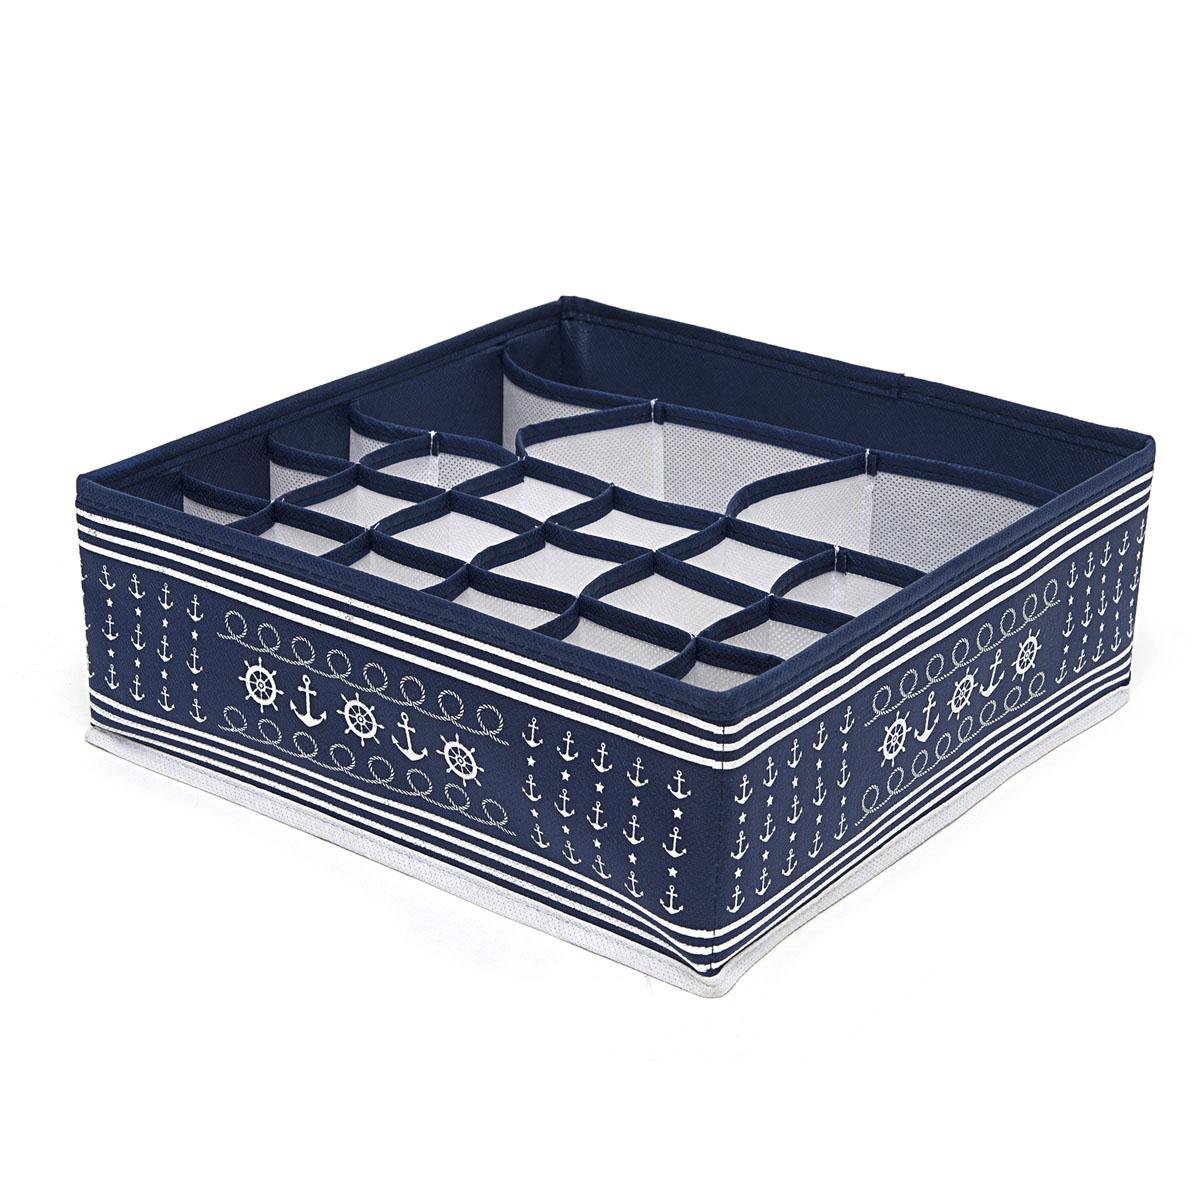 Органайзер для хранения вещей Homsu Ocean, 22 секции, 30 х 30 х 11 смRG-D31SКомпактный органайзер Homsu Ocean изготовлен из высококачественного полиэстера, который обеспечивает естественную вентиляцию. Материал позволяет воздуху свободно проникать внутрь, но не пропускает пыль. Органайзер отлично держит форму, благодаря вставкам из плотного картона. Изделие имеет 22 квадратные секции для хранения нижнего белья, колготок, носков и другой одежды.Такой органайзер позволит вам хранить вещи компактно и удобно.